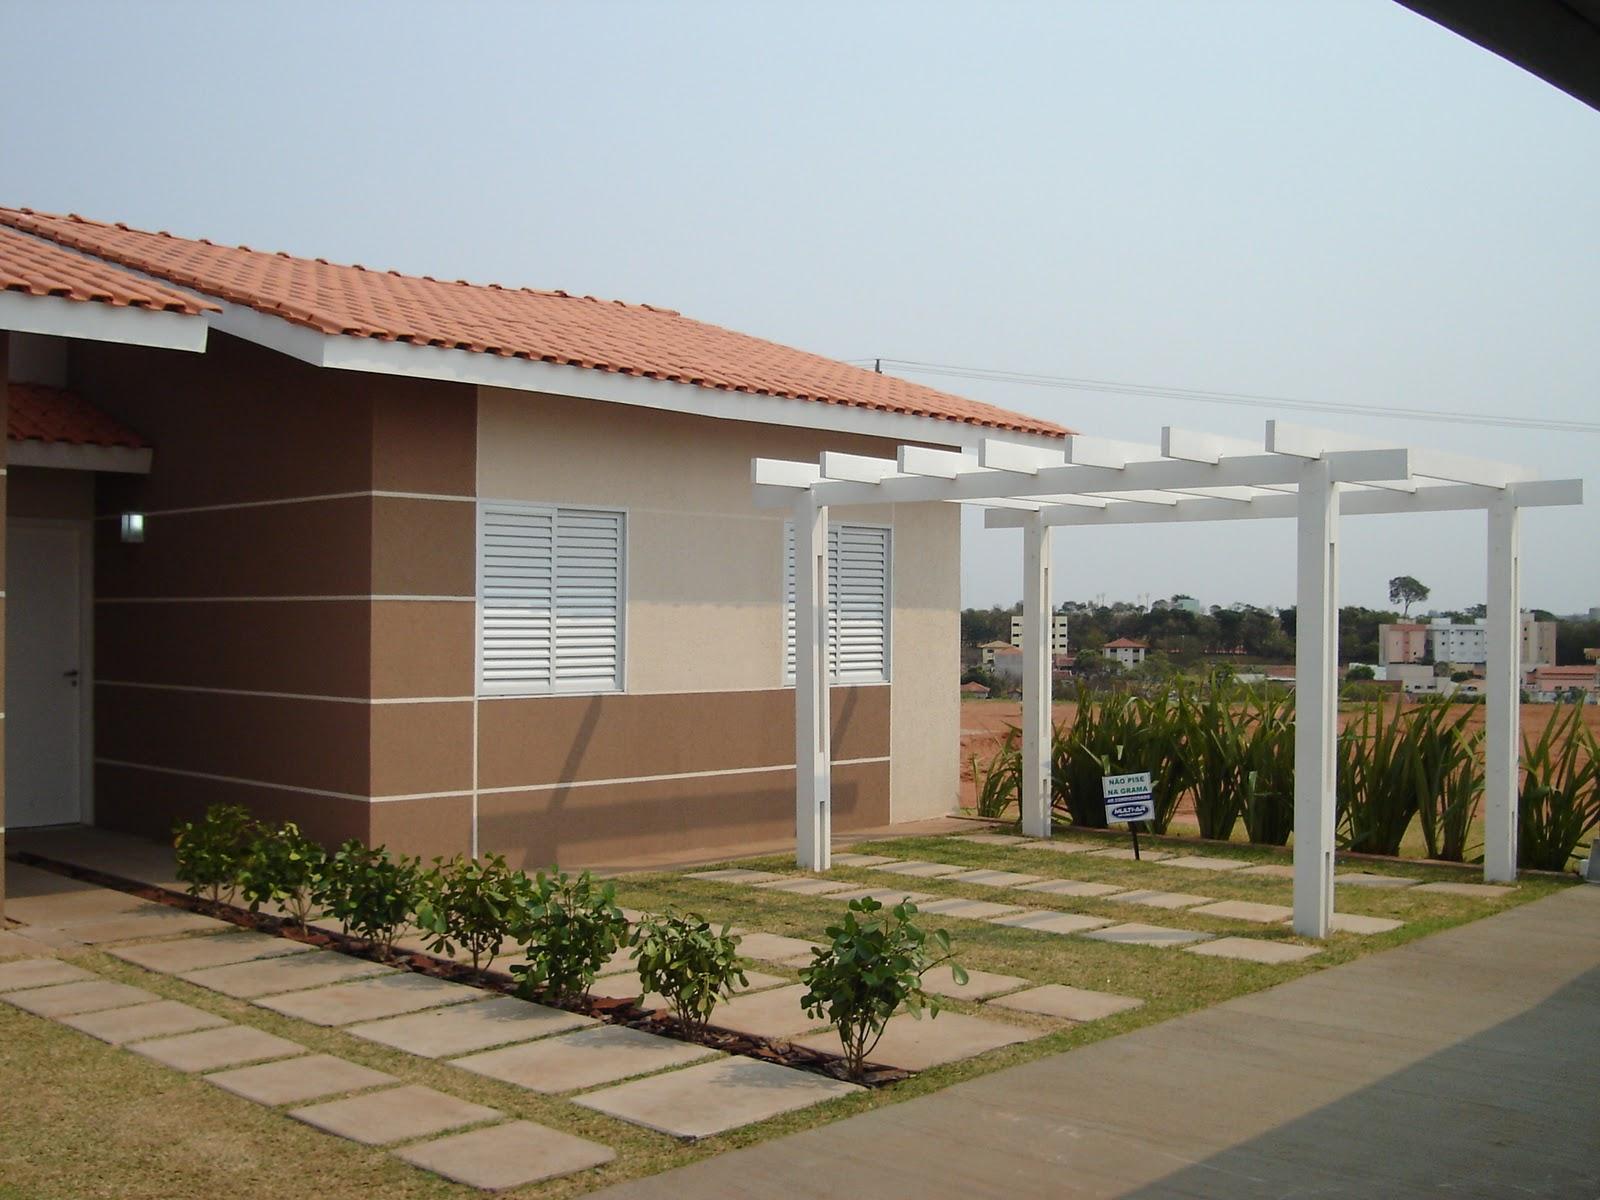 Casas em presidente prudente fotos da casa decorada - Ver casas decoradas por dentro ...